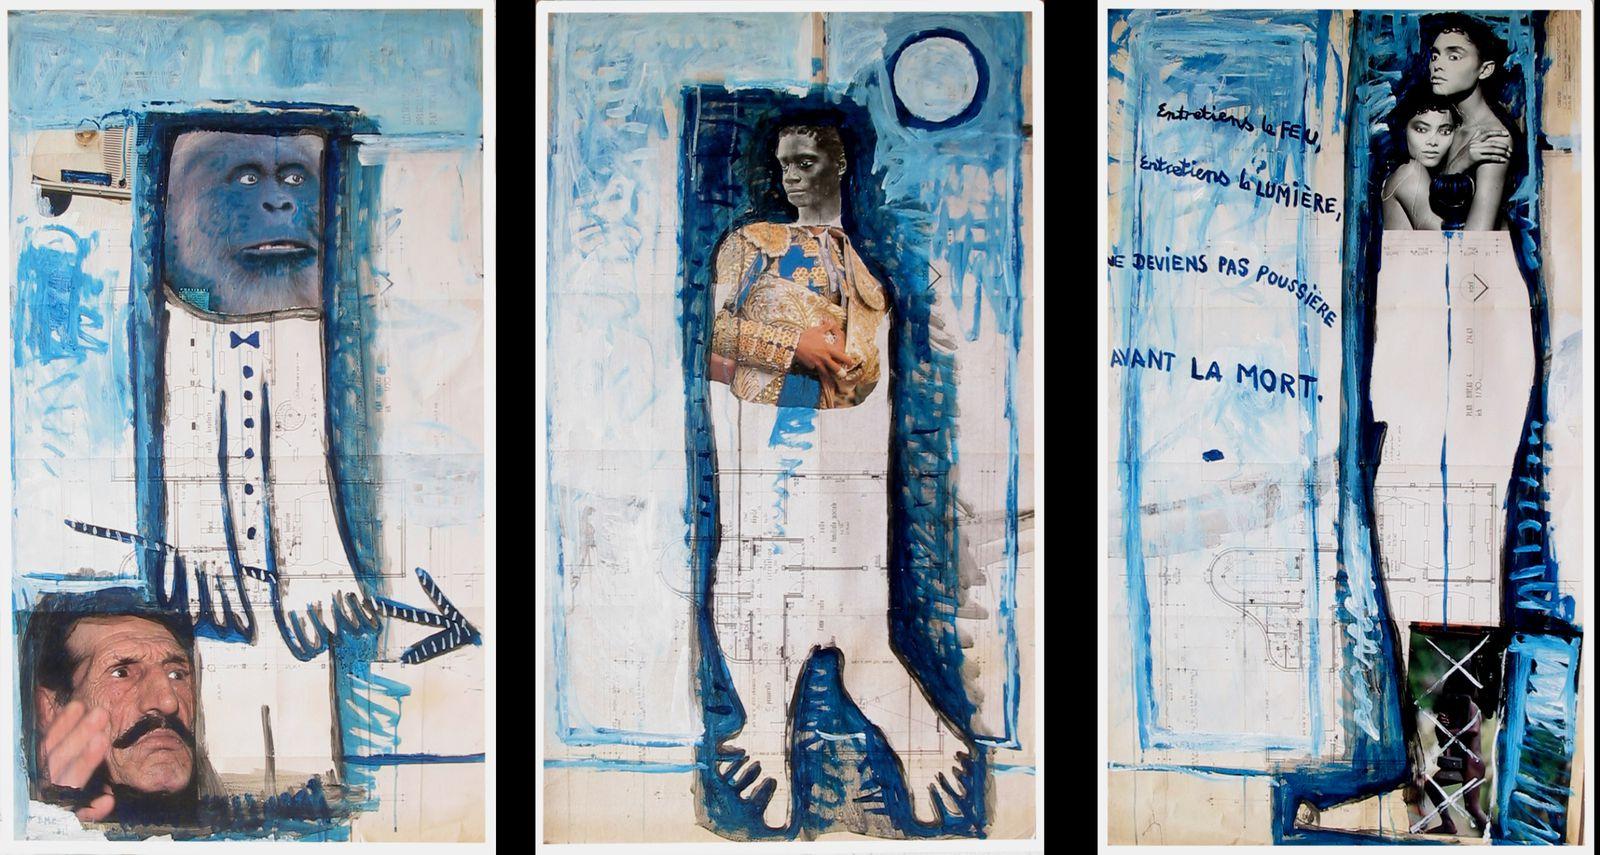 31 - ENTRETIENS LE FEU, ENTRETIENS LA MUMIERE NE DEVIENS PAS POUSSIERE AVANT LA MORT - -  Technique mixte - 3 x  118 x 68 cm. cm.